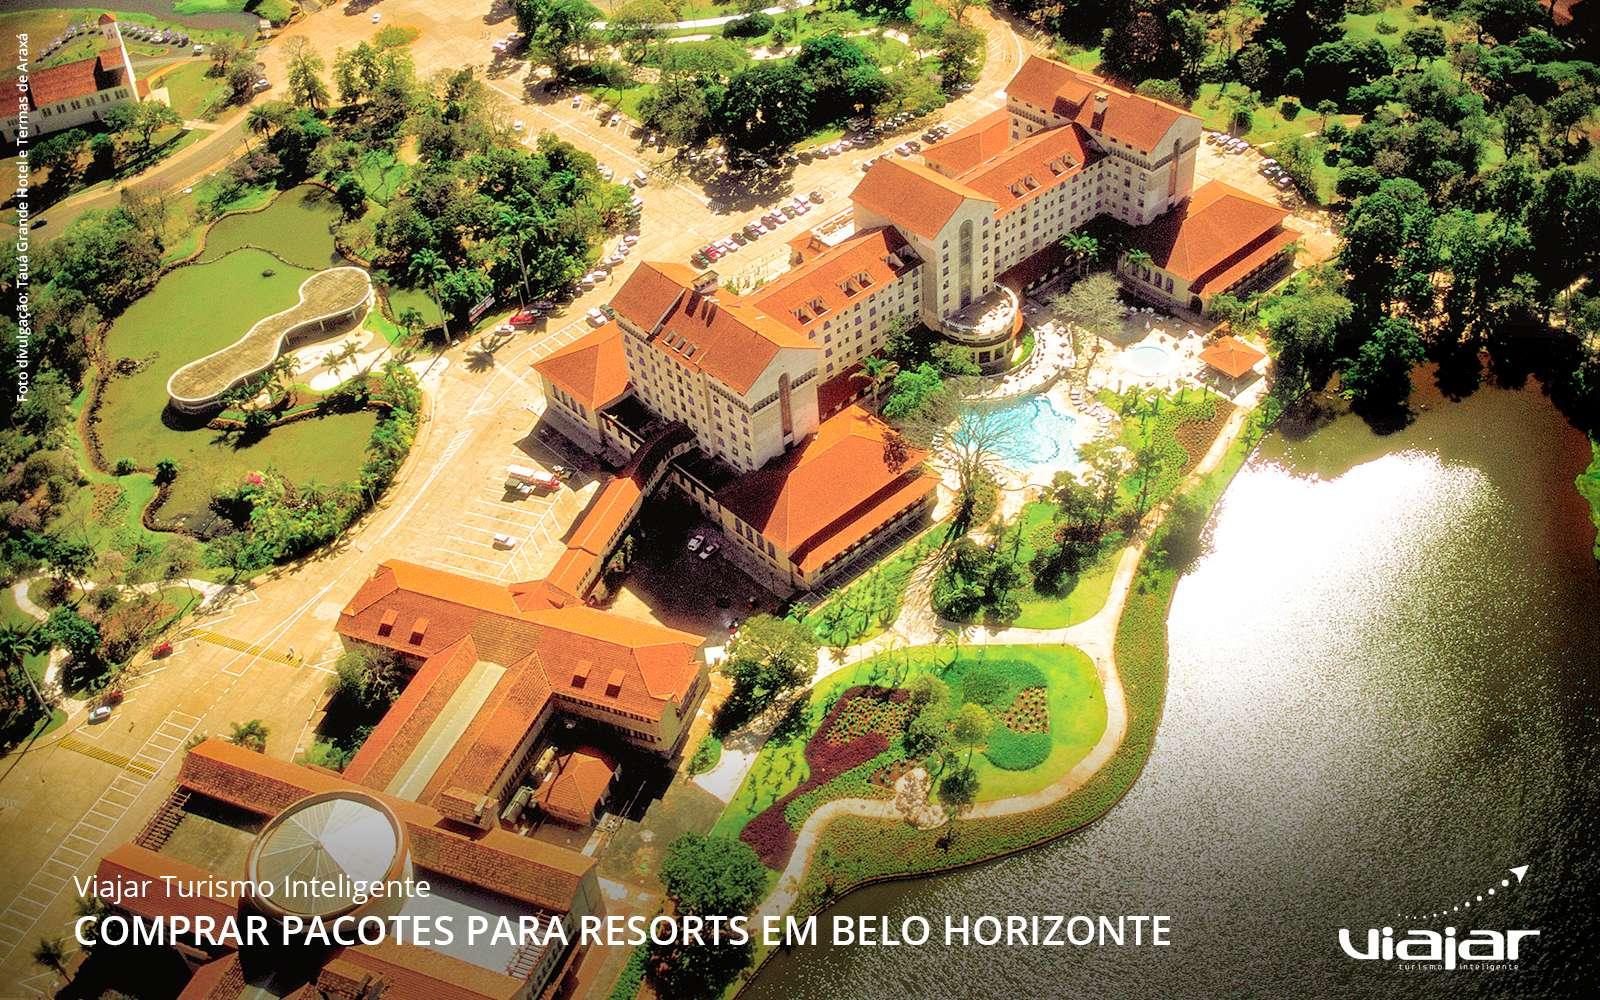 viajar-turismo-inteligente-comprar-pacotes-resorts-belo-horizonte-minas-gerais-18-1